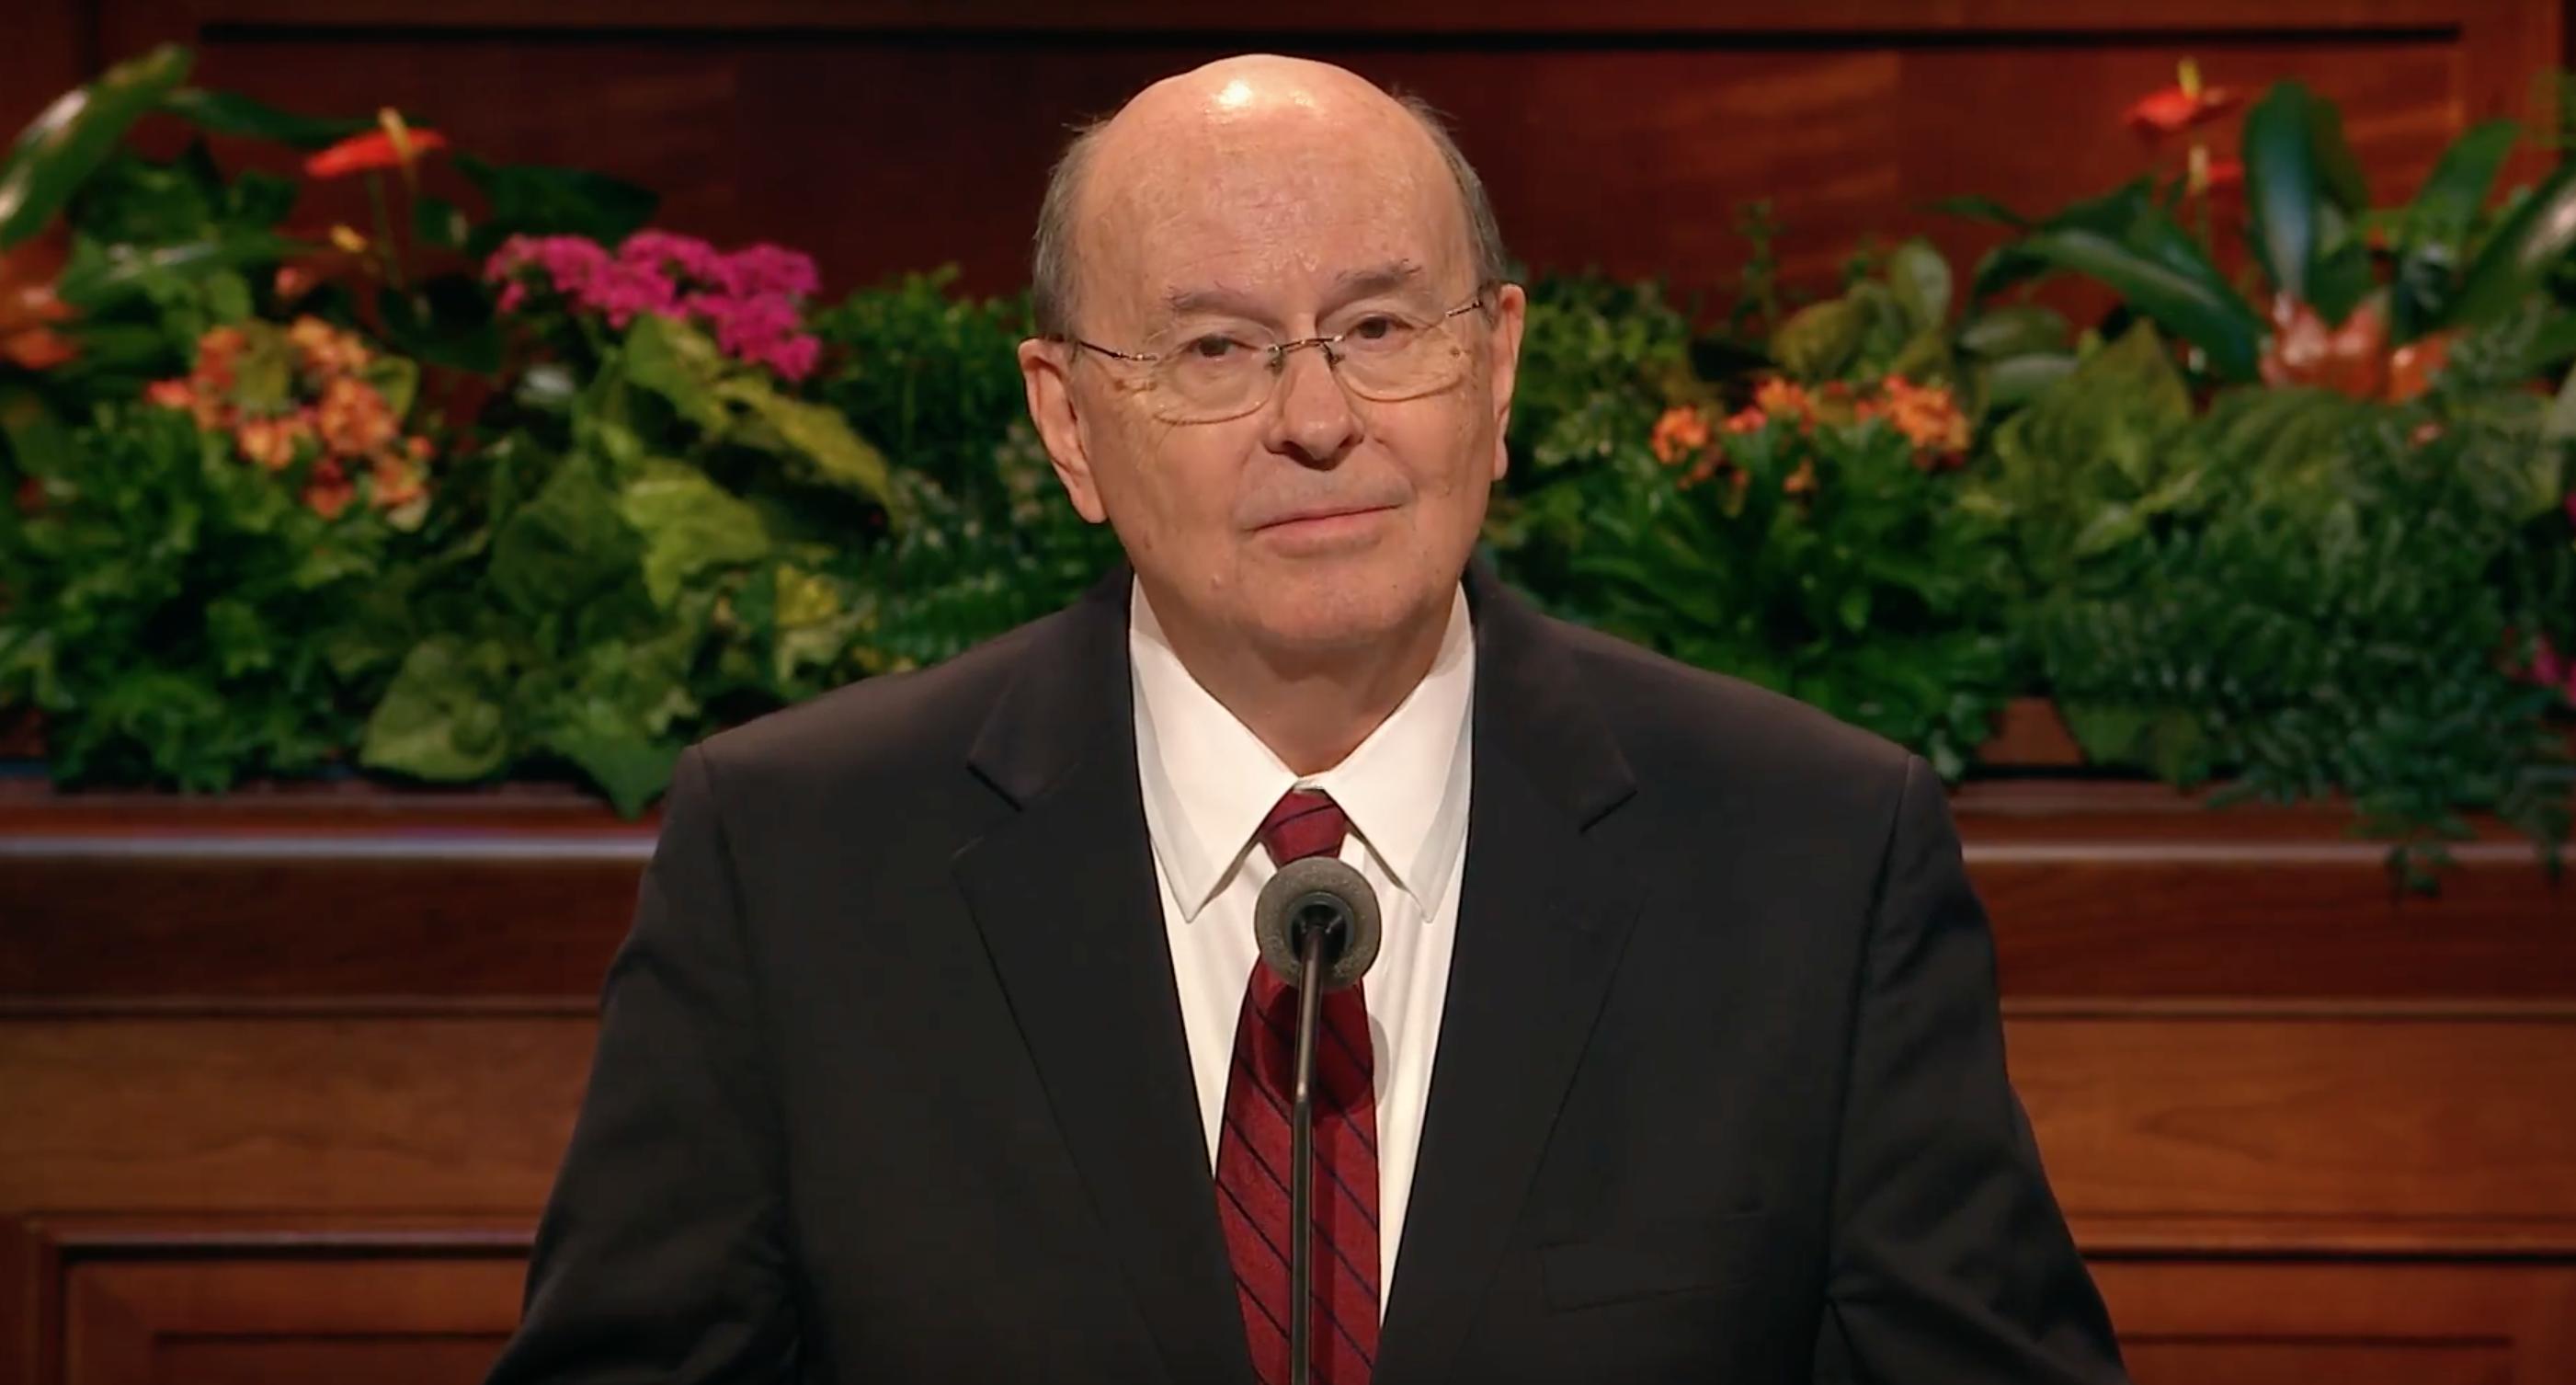 Elder Quentin L. Cook speaks at October 2018 general conference.